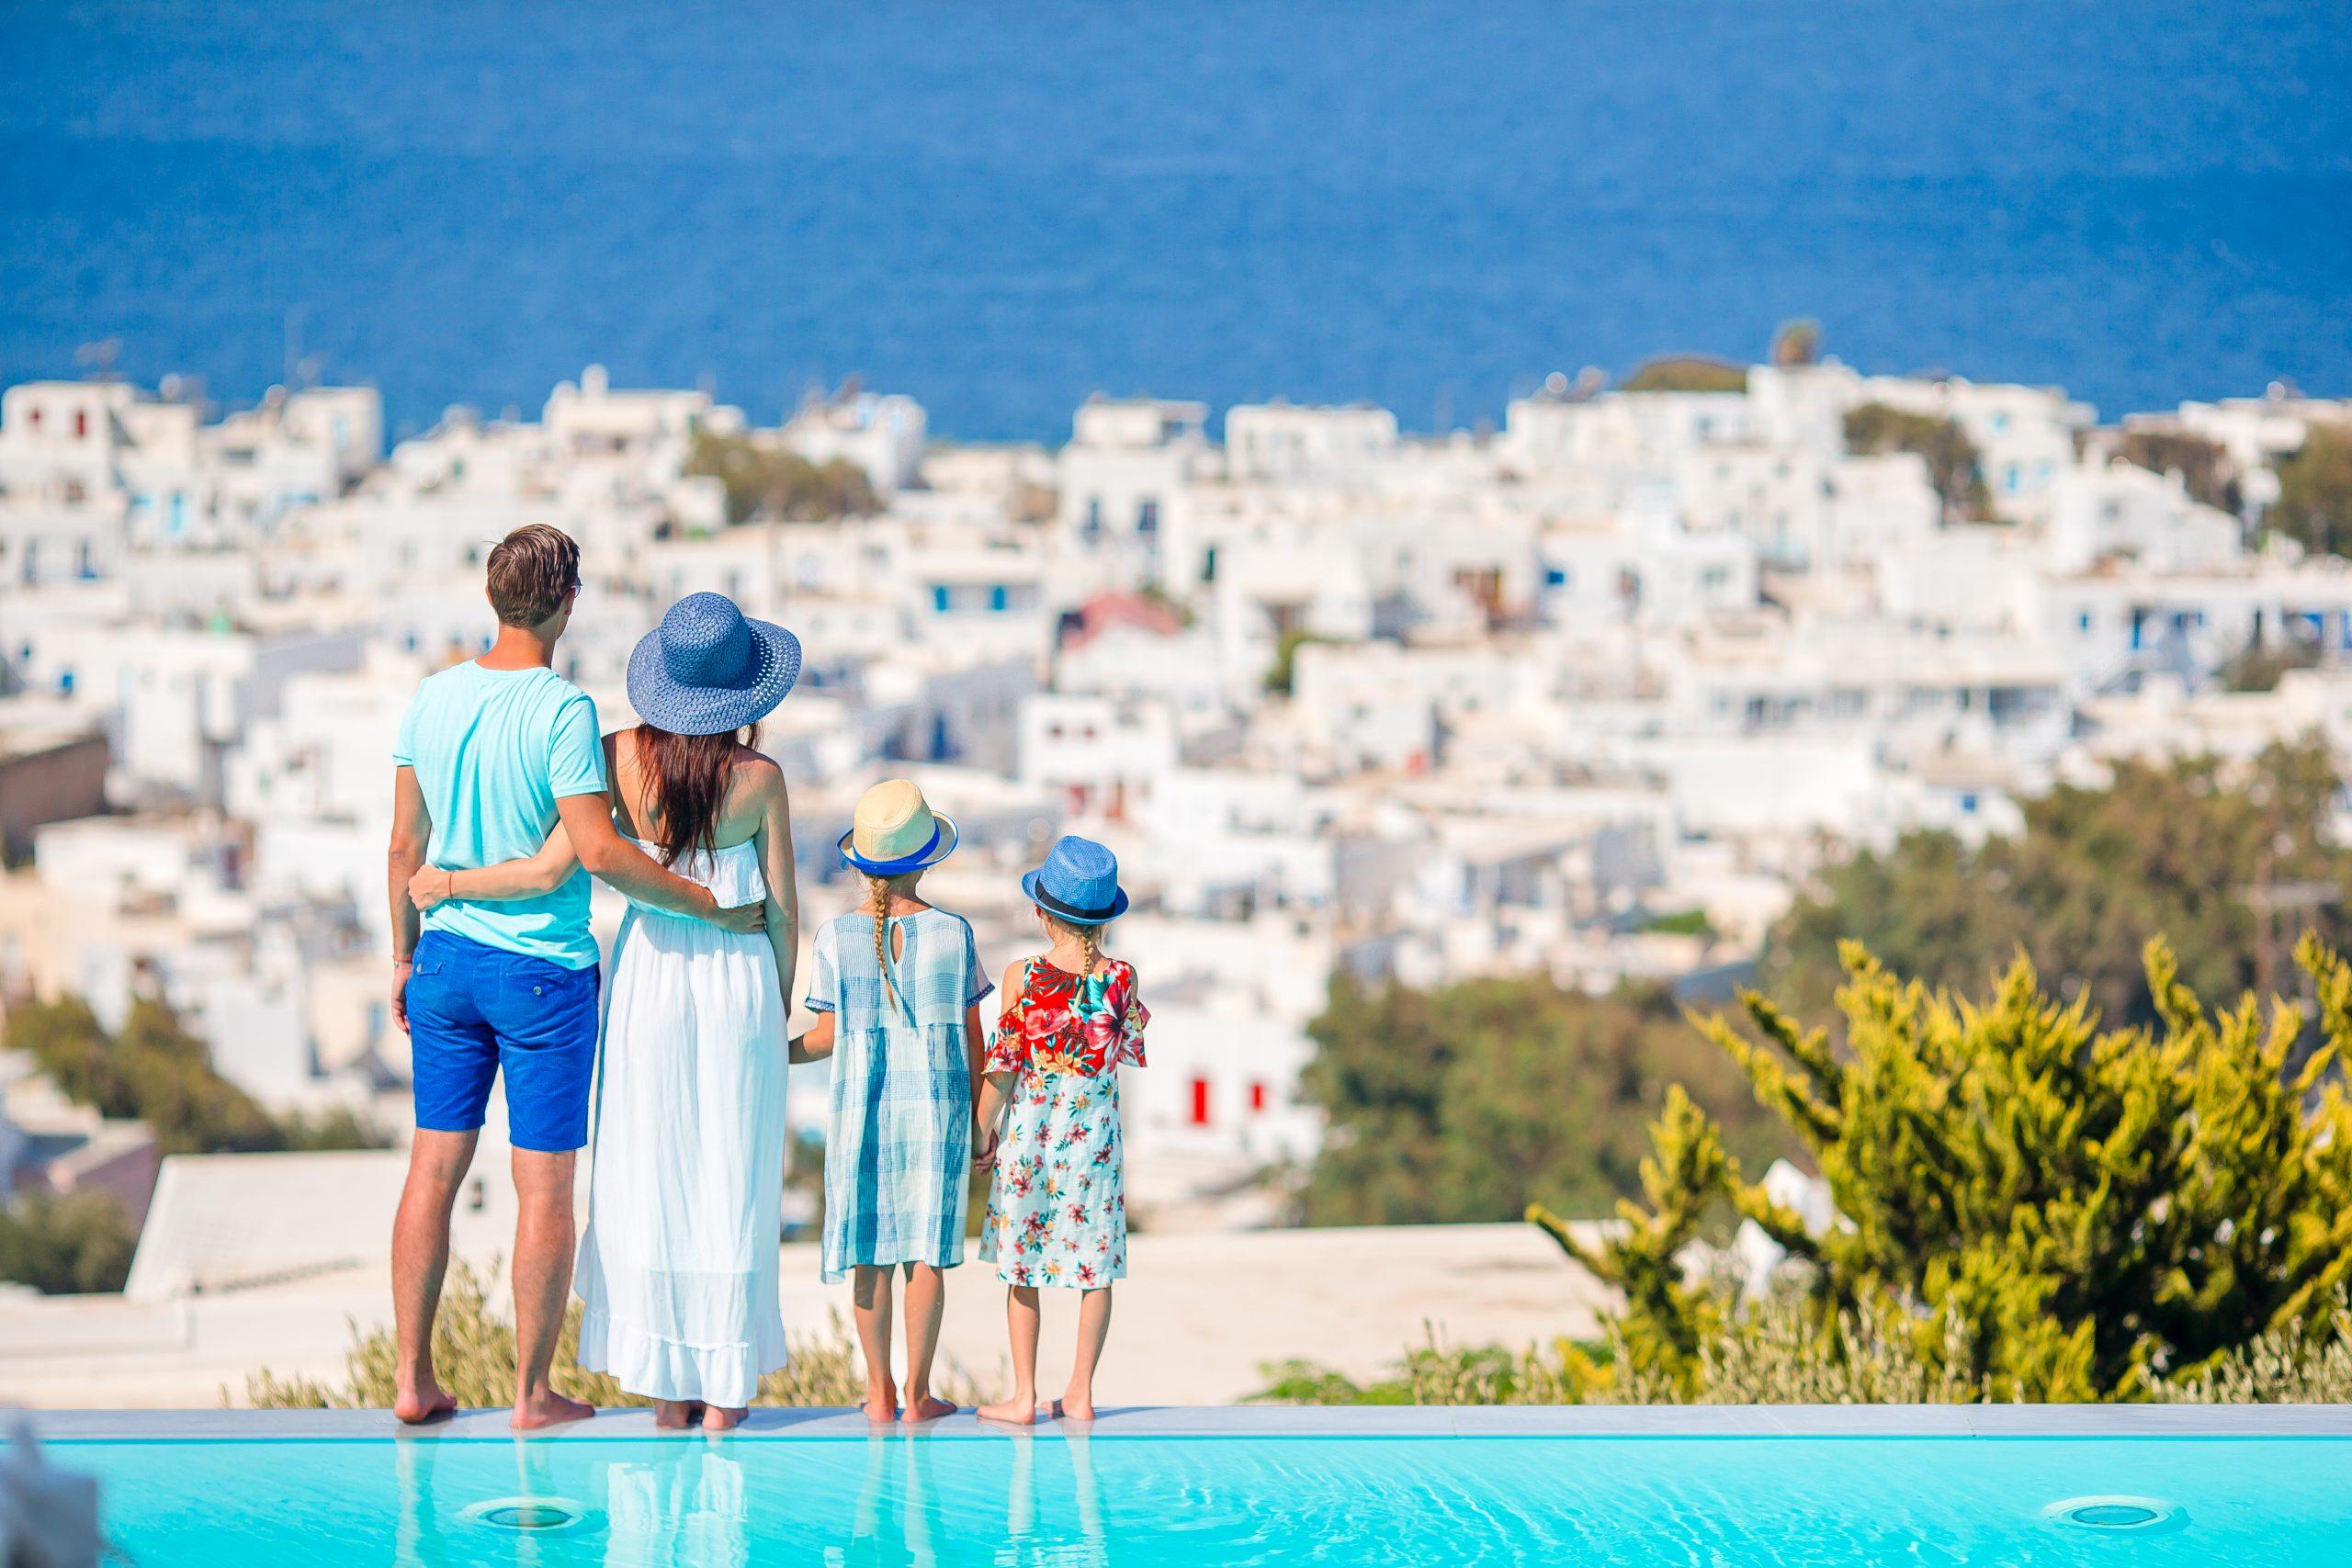 ANAT: Grecia ramane in preferinţele romanilor pentru concedii. Turistii vaccinati nu au nicio problema la revenirea in tara